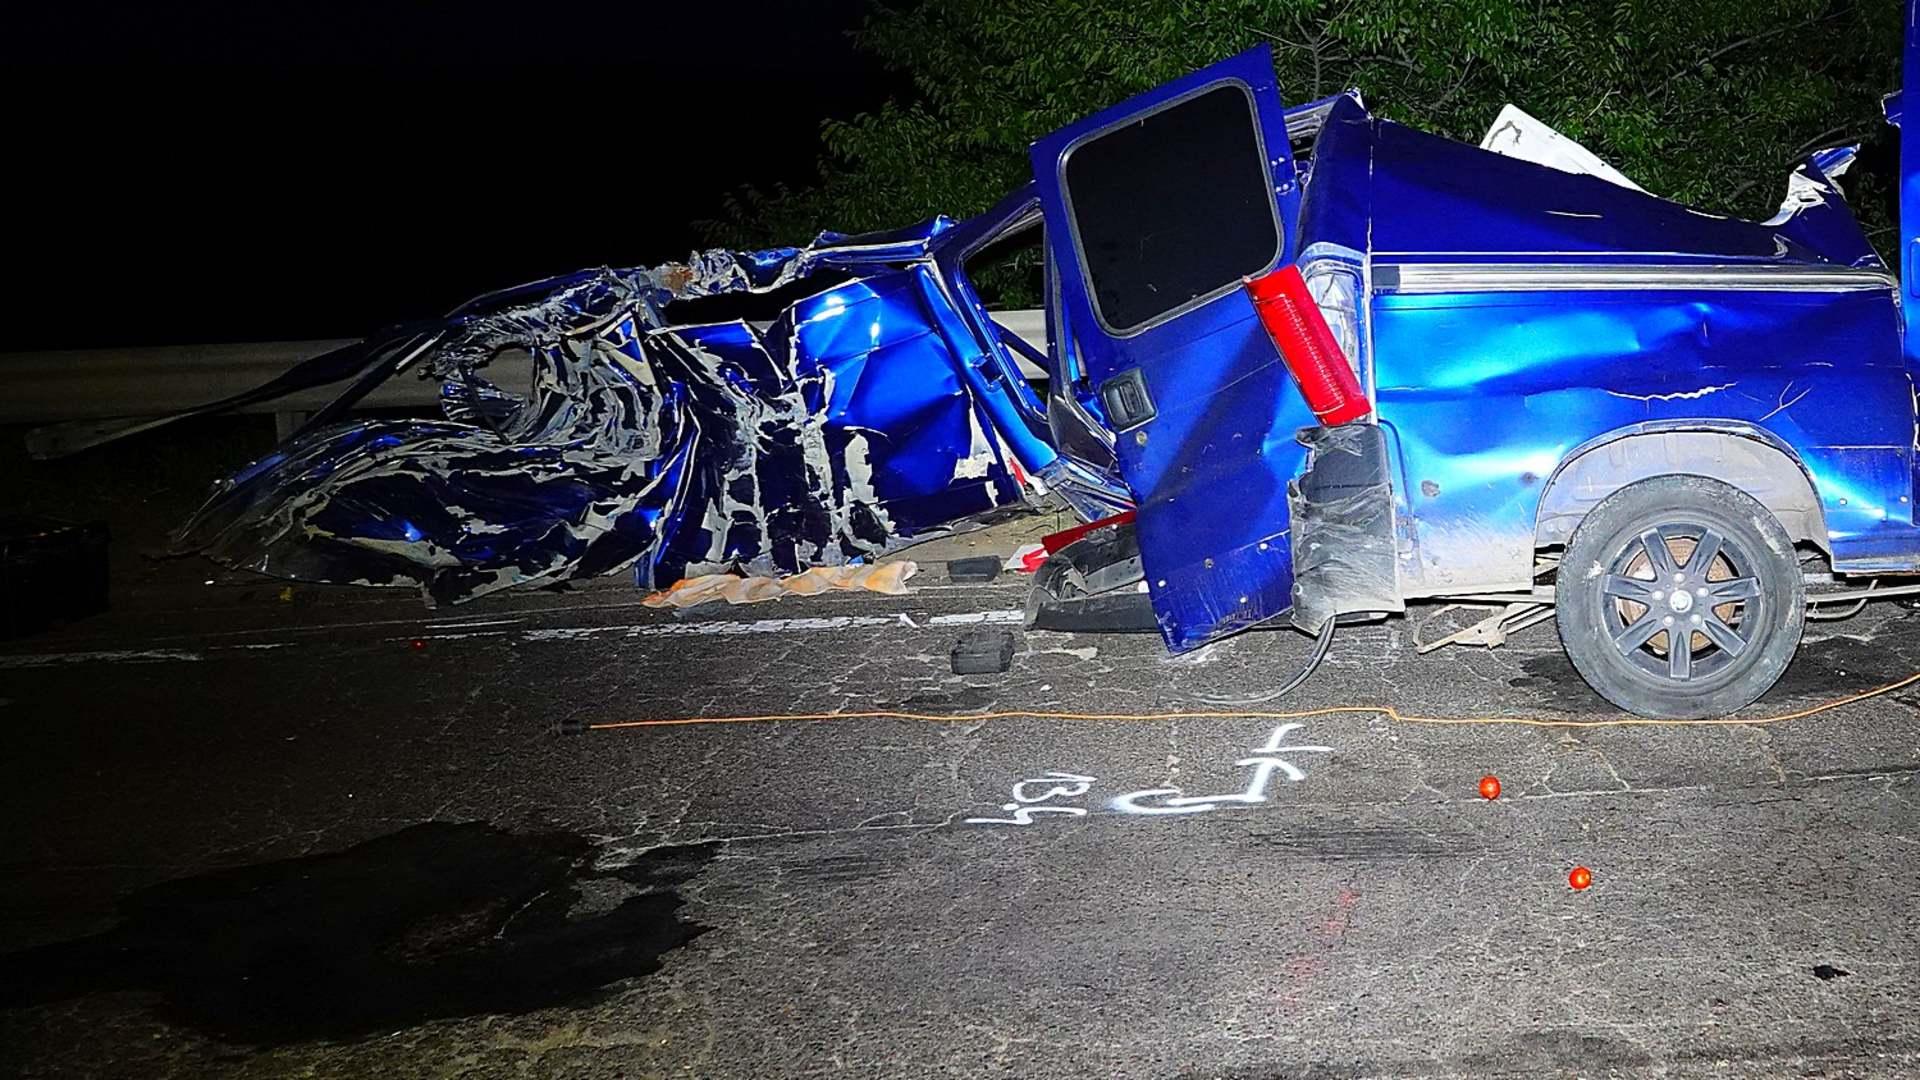 4-es főúton történt halálos baleset